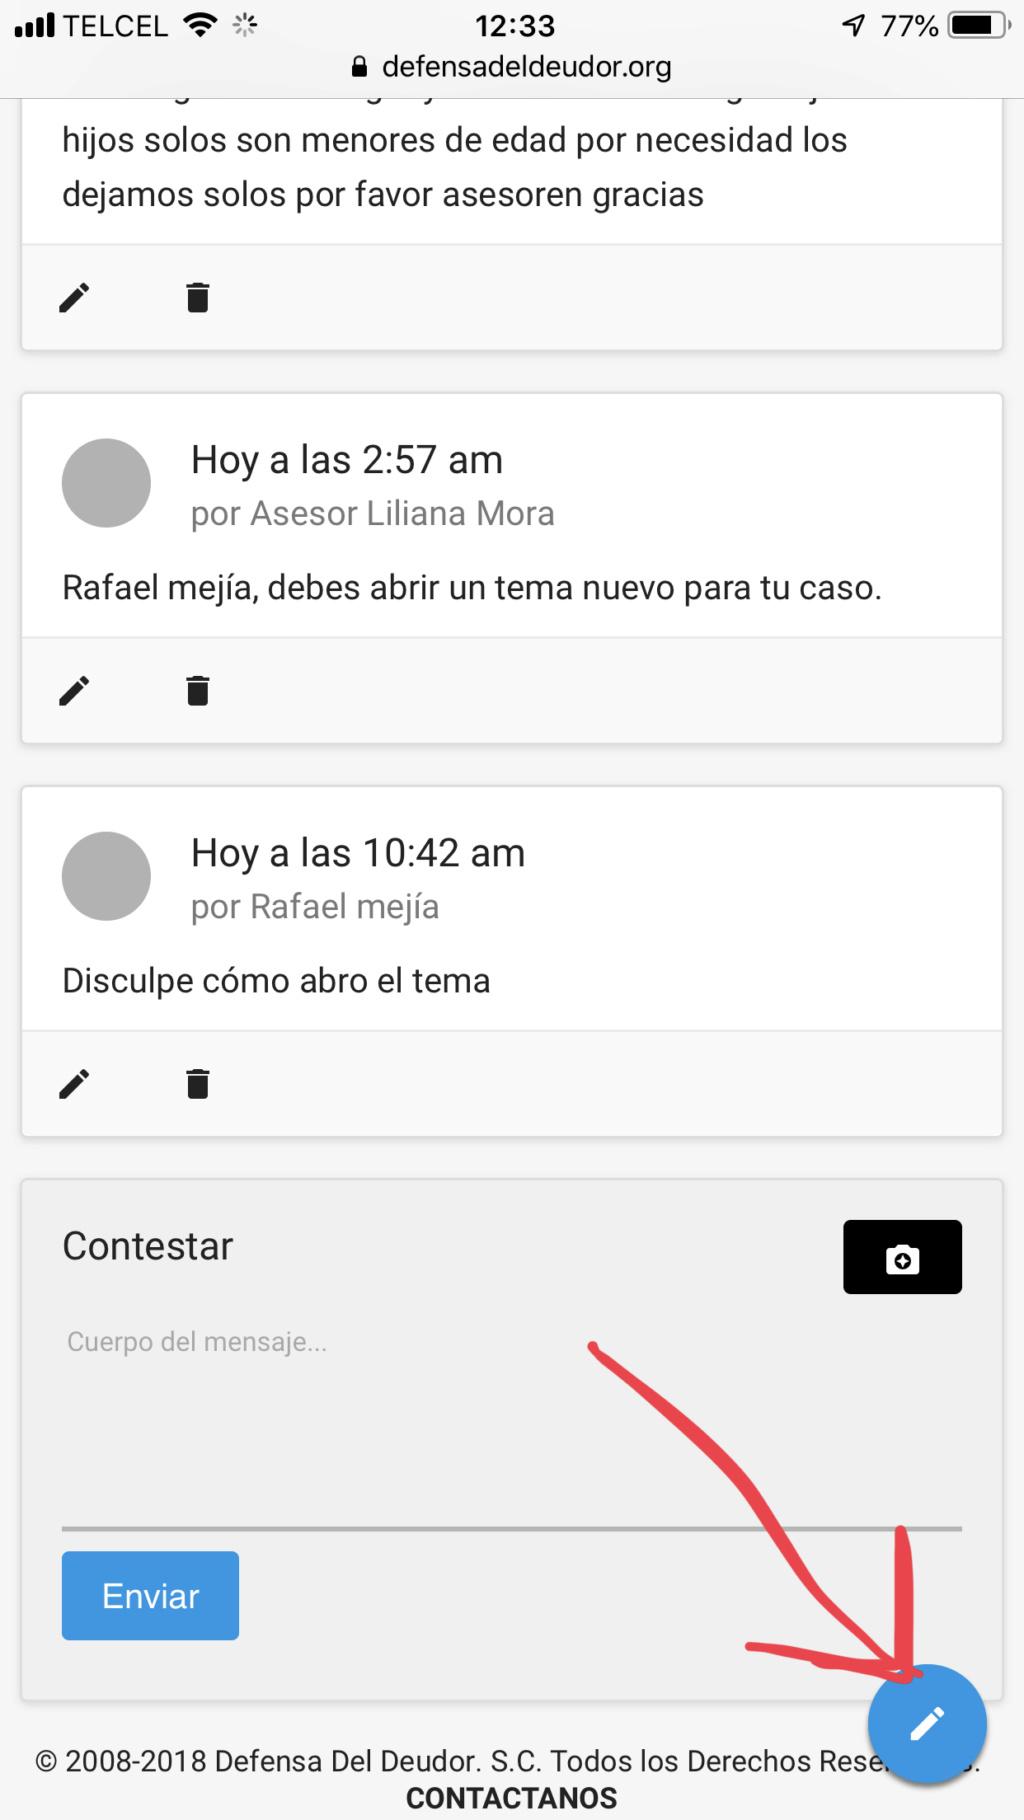 NOTIFICACIÓN DE DEMANDA DE PAGO   A466e910